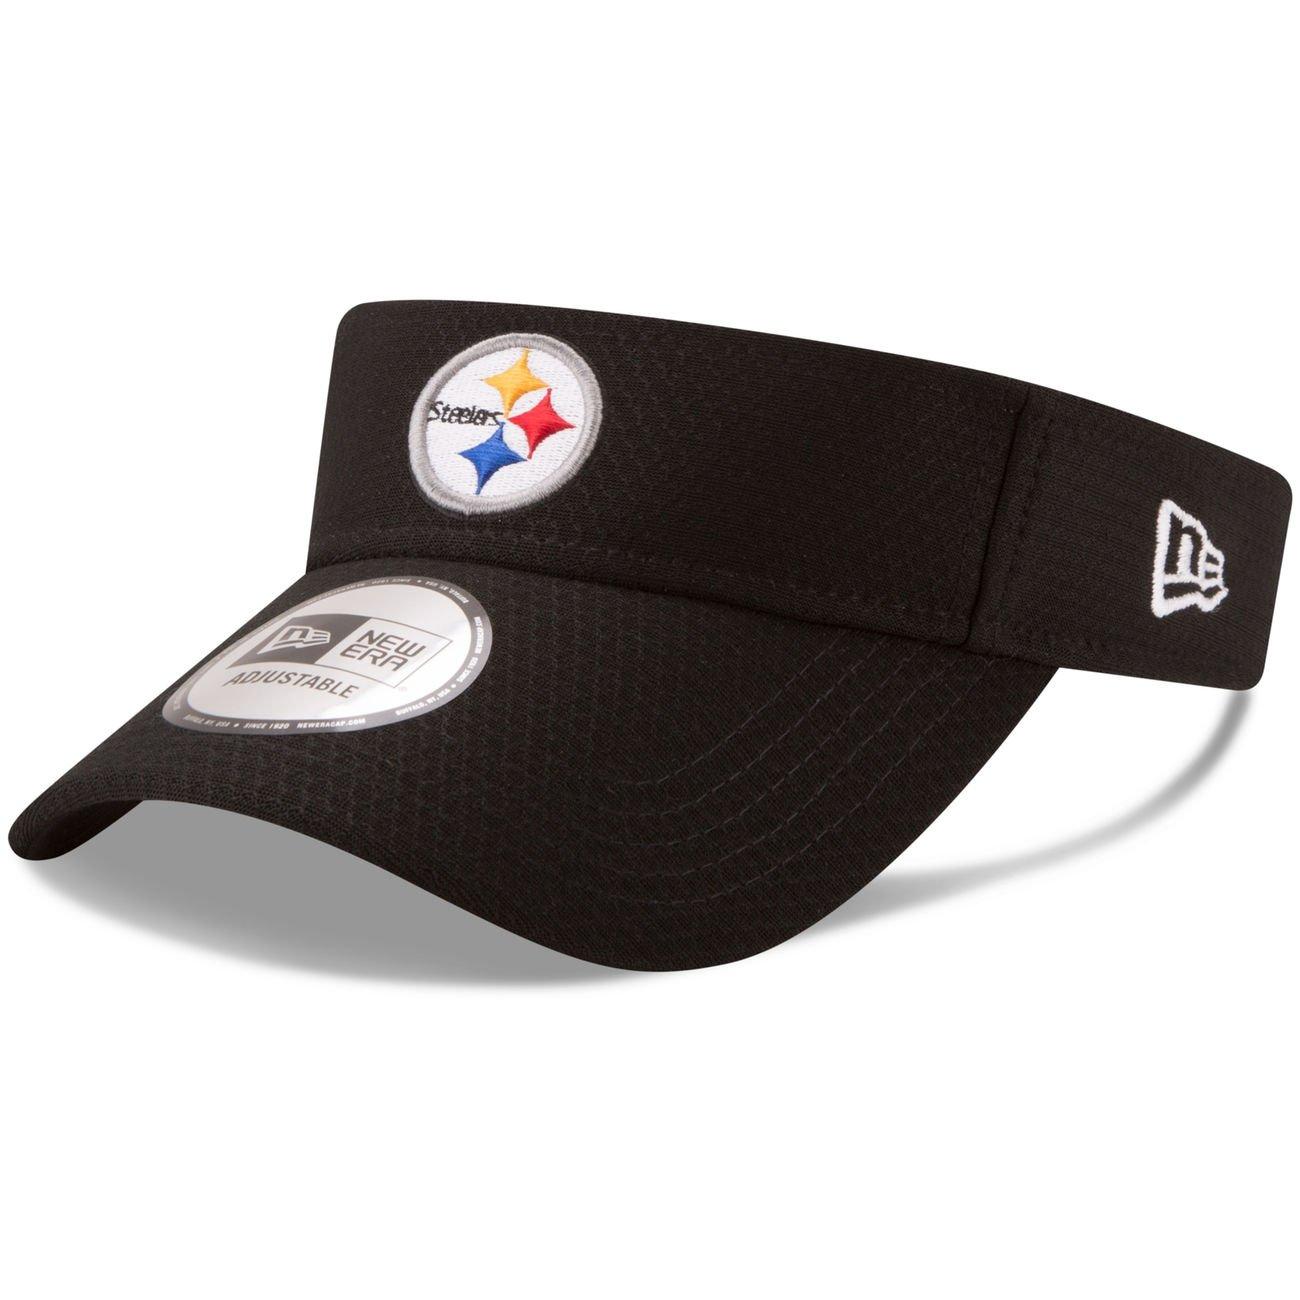 Pittsburgh Steelers新しい時代2017 onフィールドトレーニングCamp Adjustableバイザー – ブラック   B072VDMX8J